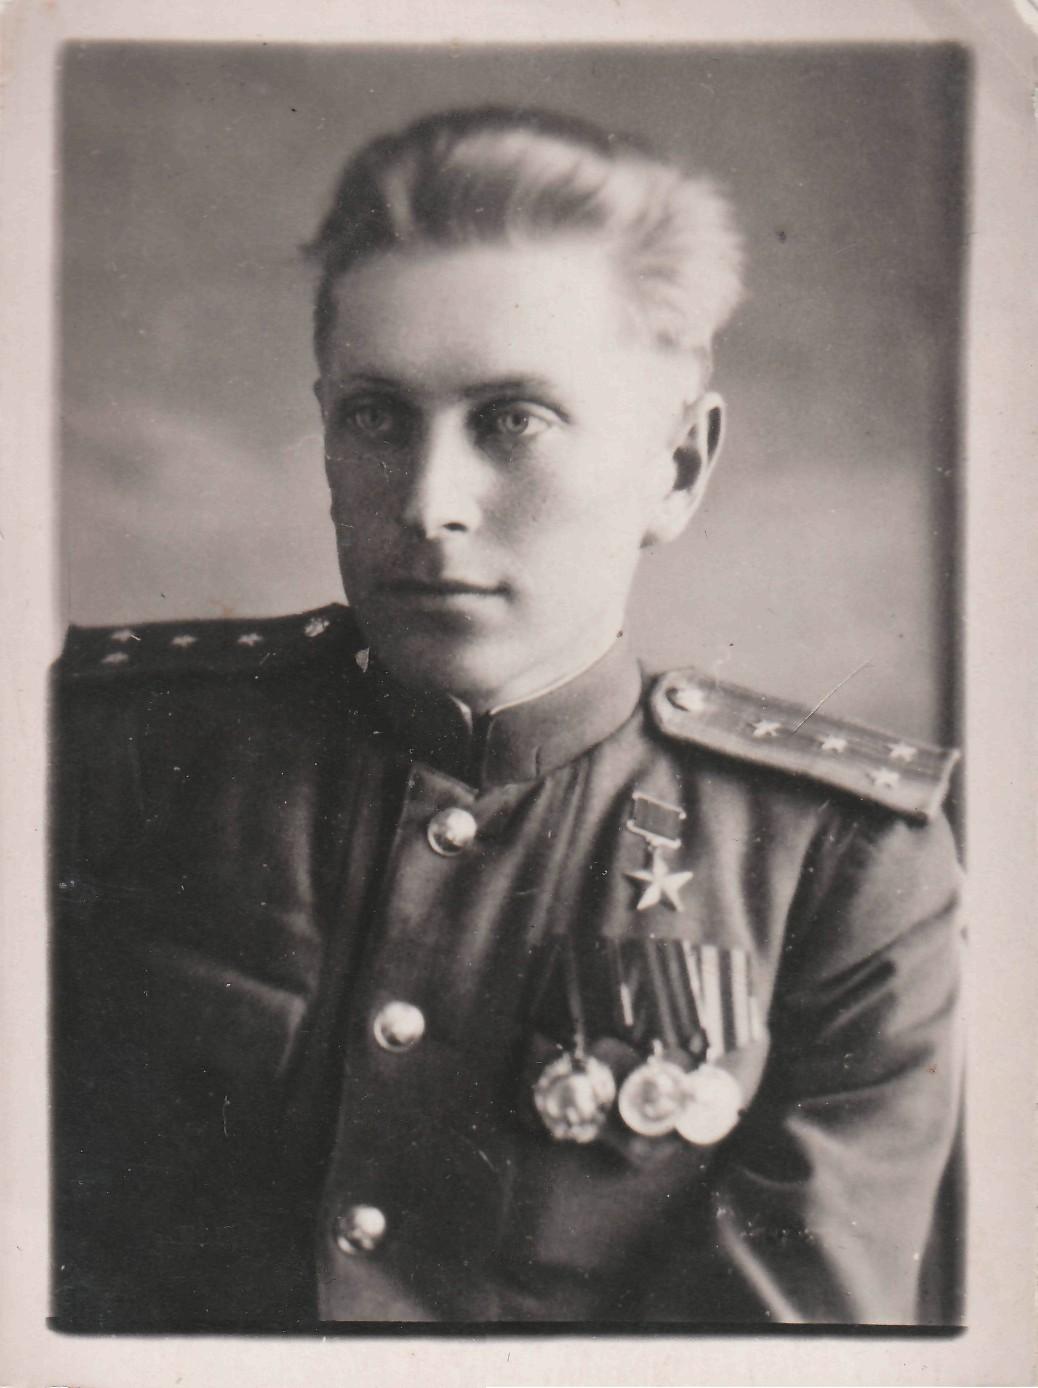 Урванцев Яков Ерофеевич (10. 12. 24-10.02.58)